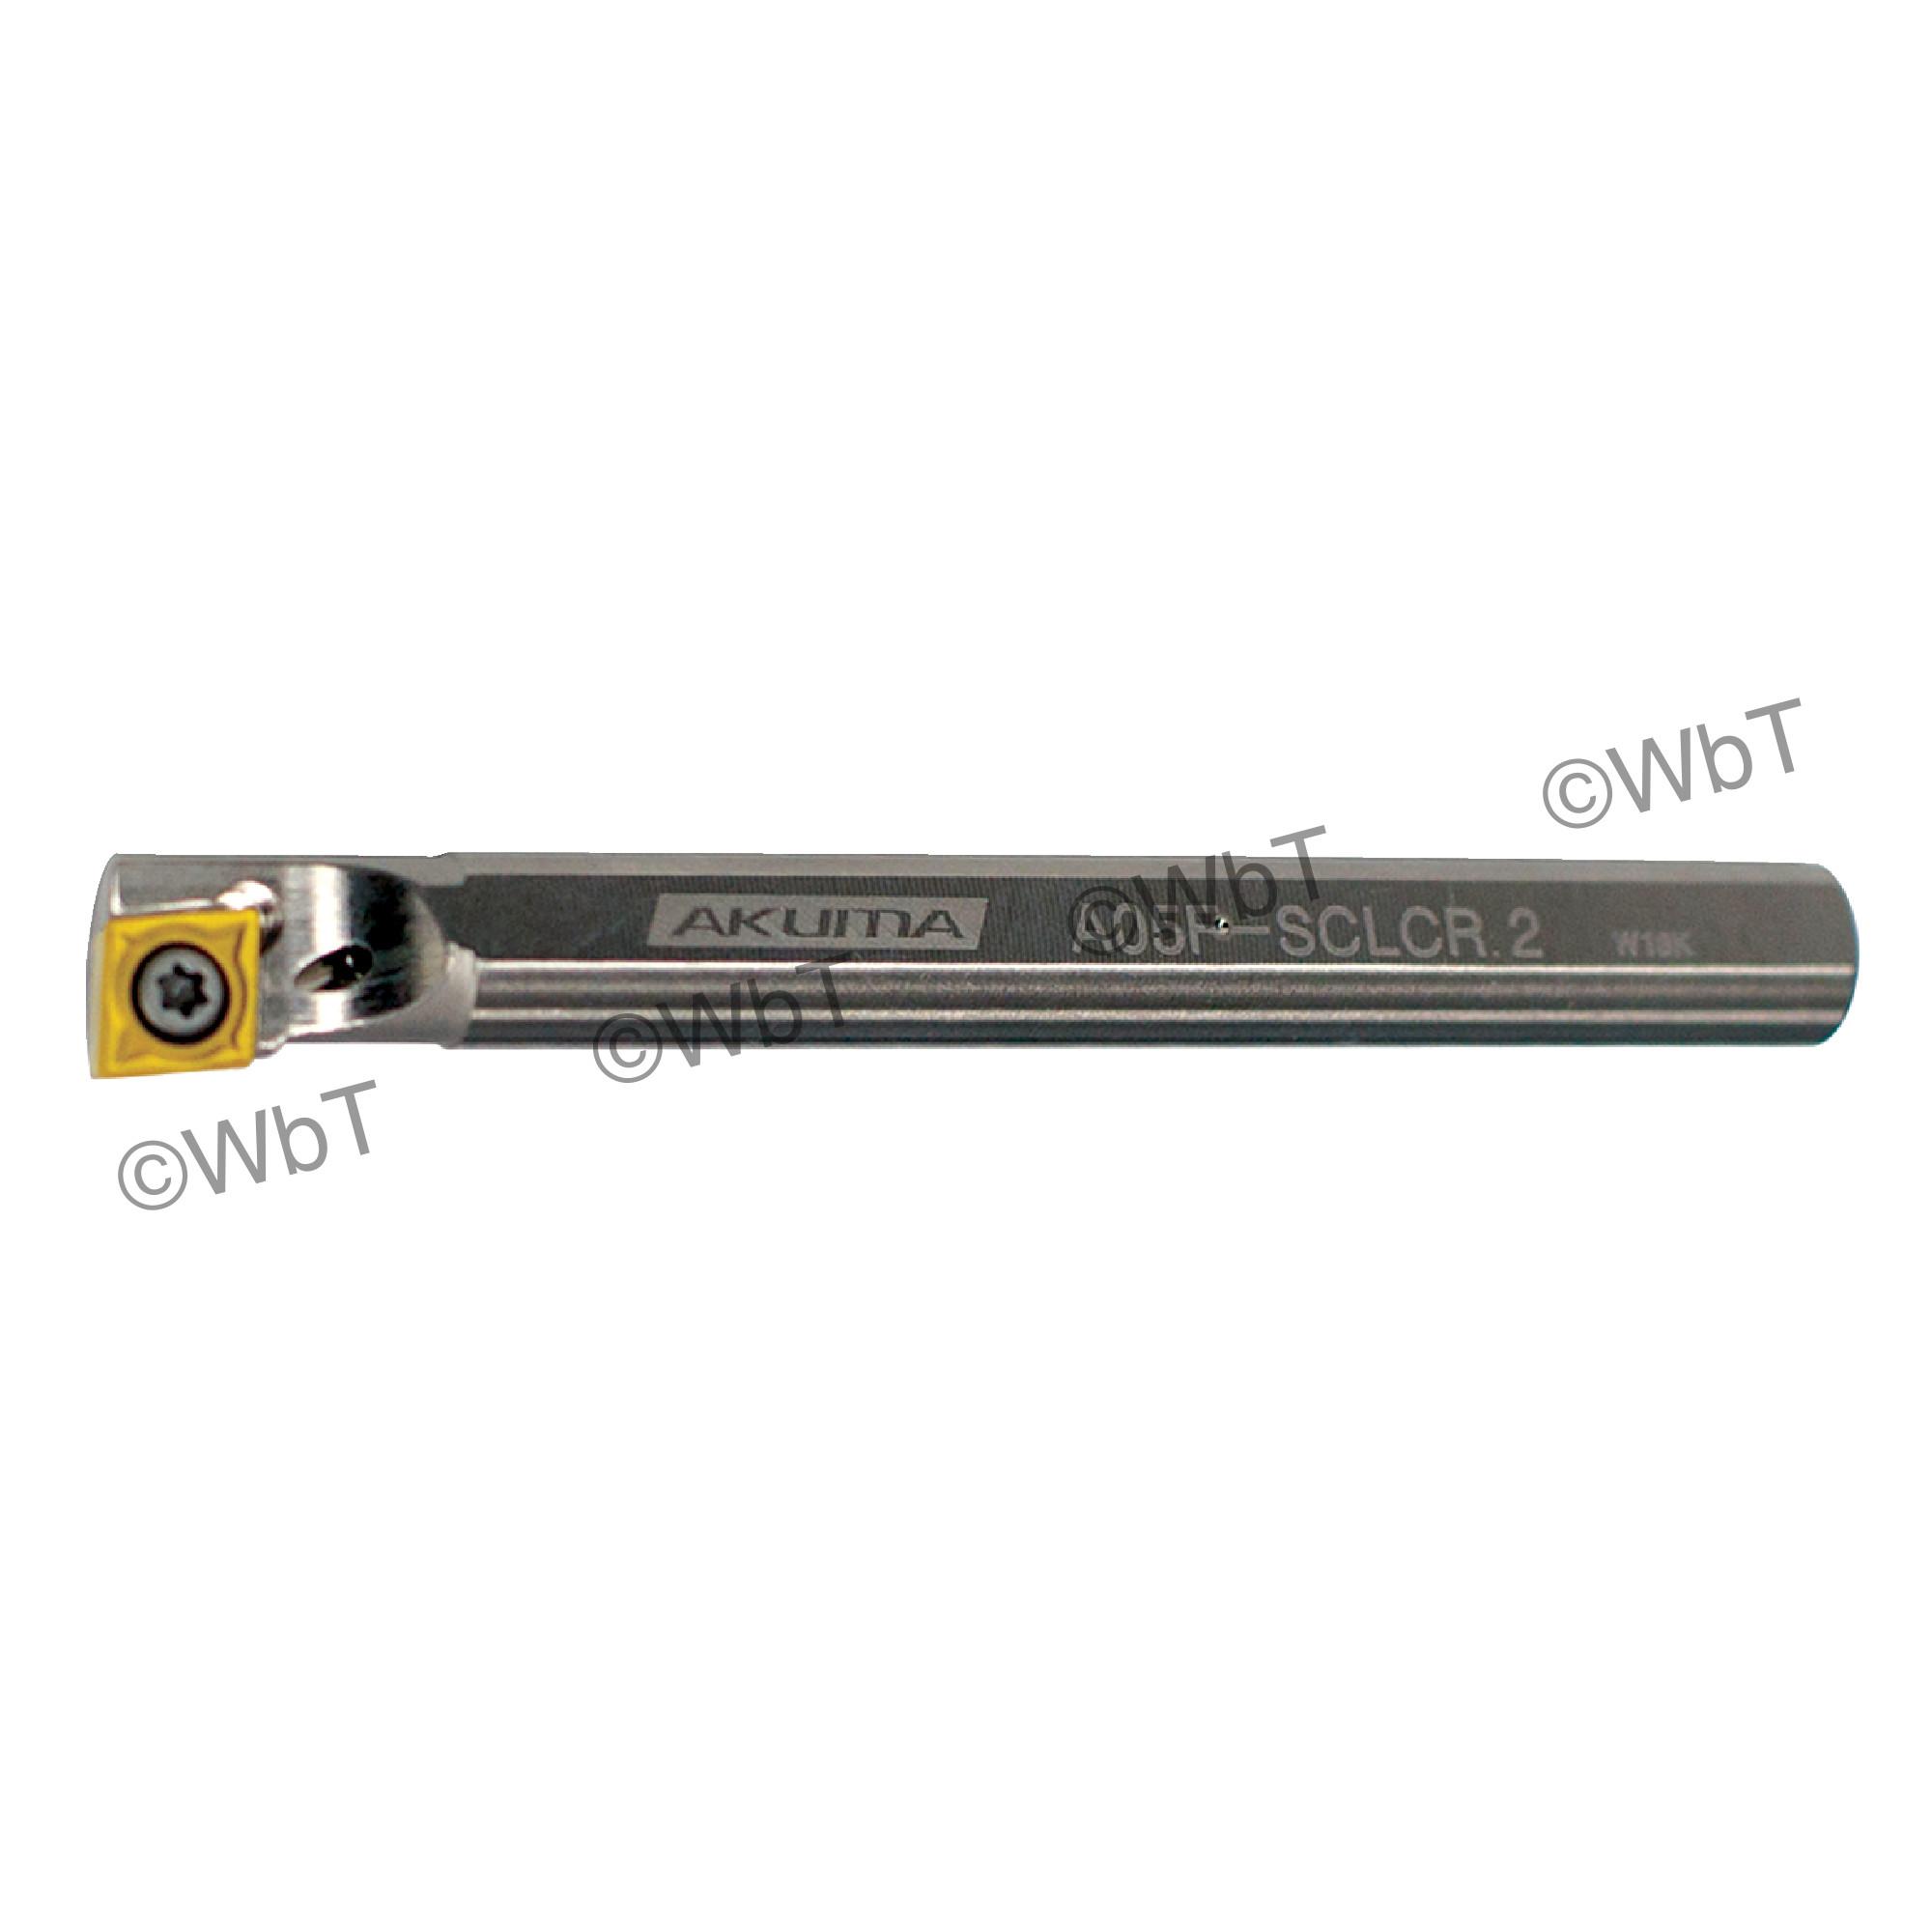 """AKUMA - A05F-SCLCR-2 / Steel Boring Bar / 5/16"""" Shank / CCMT2(1.5)_ / Cooalnt Thru / Right Hand"""